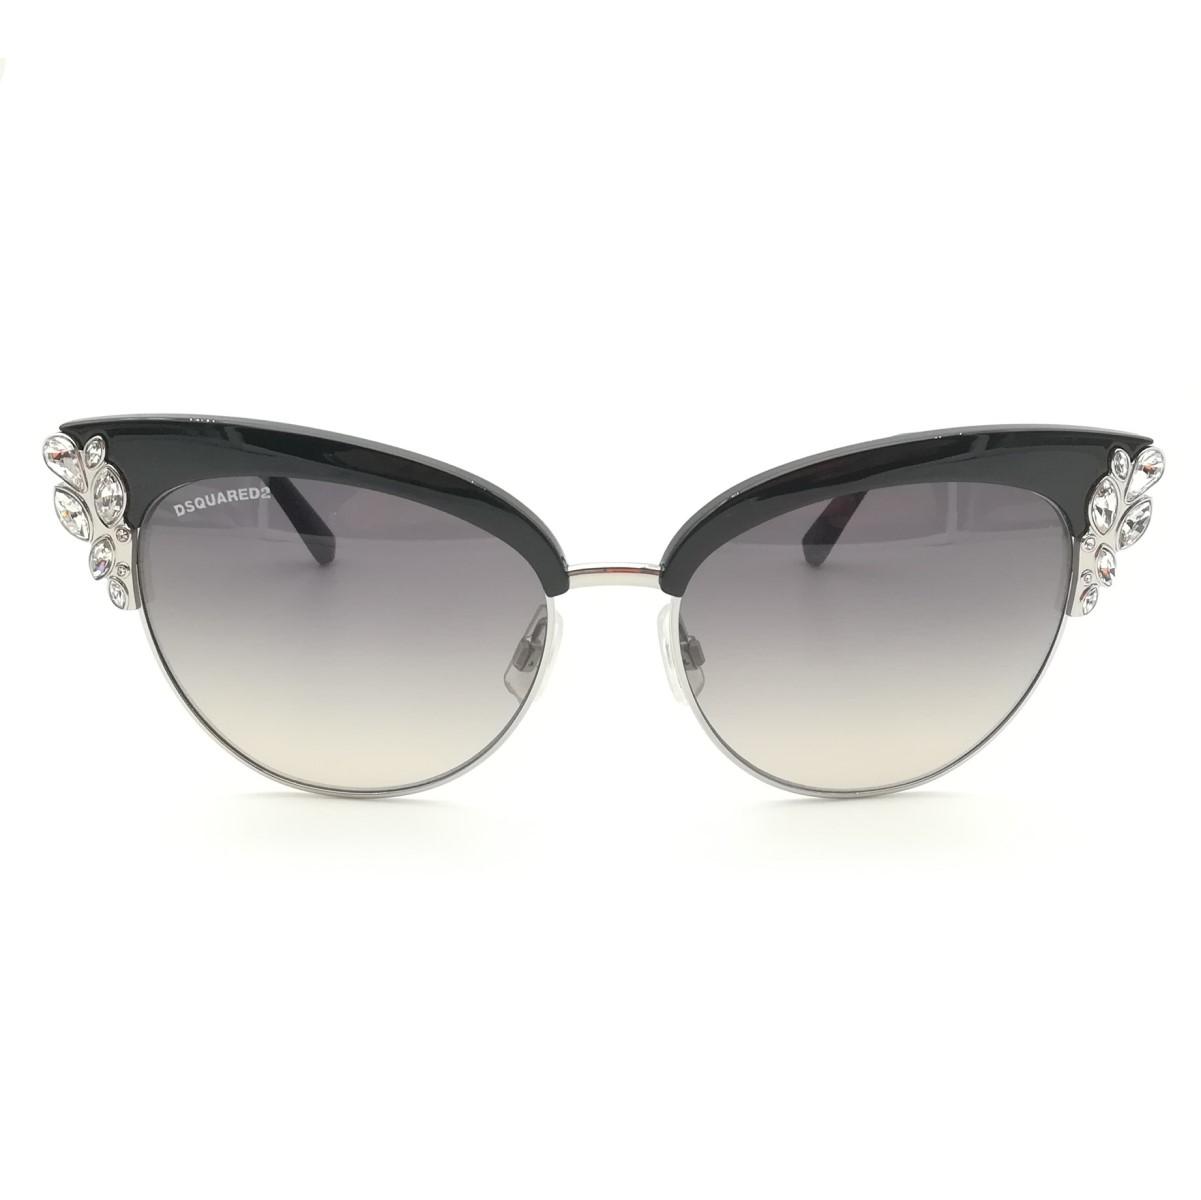 scarpe sportive d8318 b0d46 DSQUARED occhiale da sole donna Lou Lou